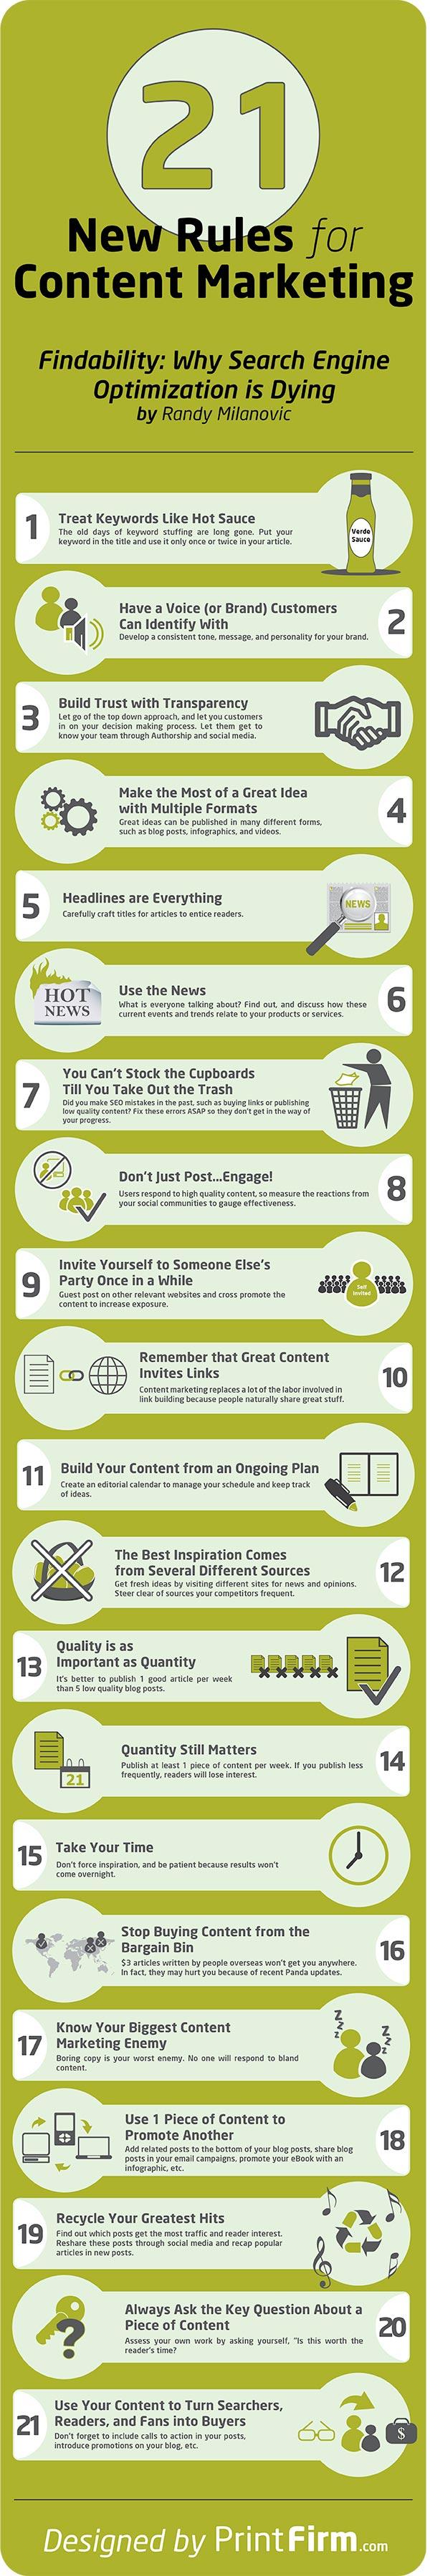 Las 21 nuevas Reglas del Marketing de Contenidos